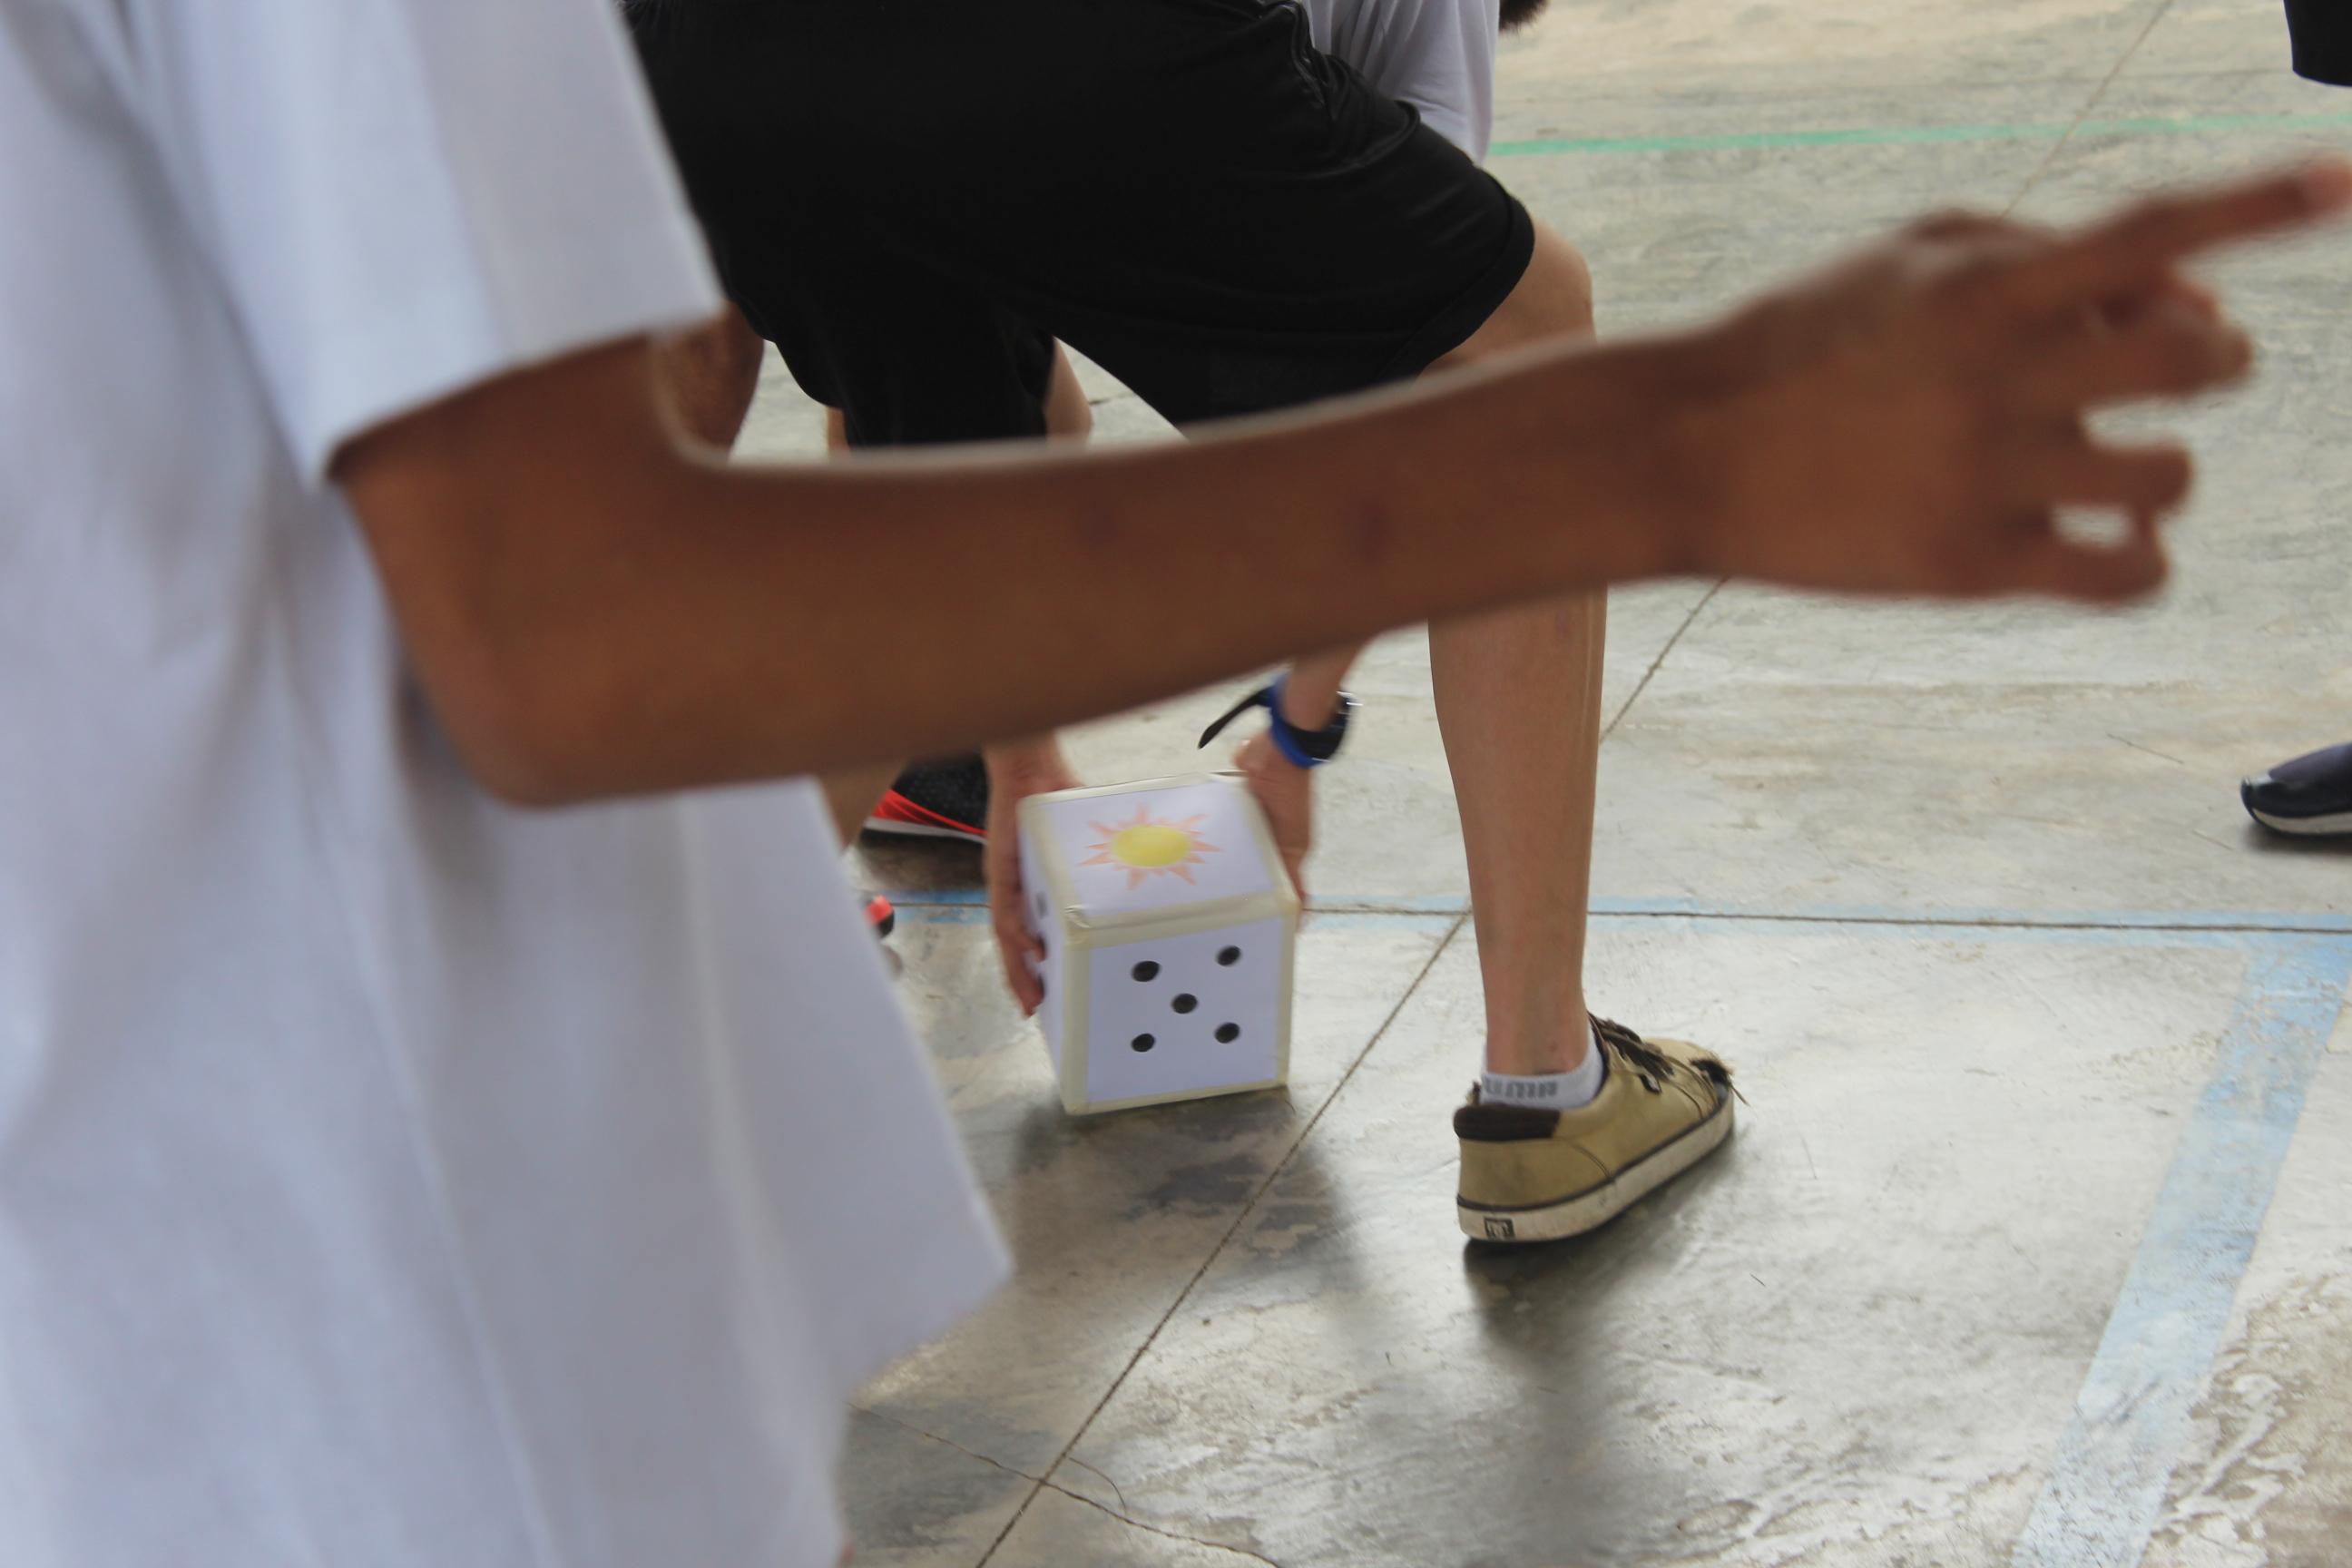 Jóvenes del Prevocacional de Calle Blancos participaron del Campamento Recreativo anual que organiza el TC-602 Envejecimiento activo a lo largo de la vida que busca generar conciencia sobre la importancia de envejecer activamente. Fotografías de Daniela Sánchez Miranda, estudiante de Comunicación Colectiva y del TCU.